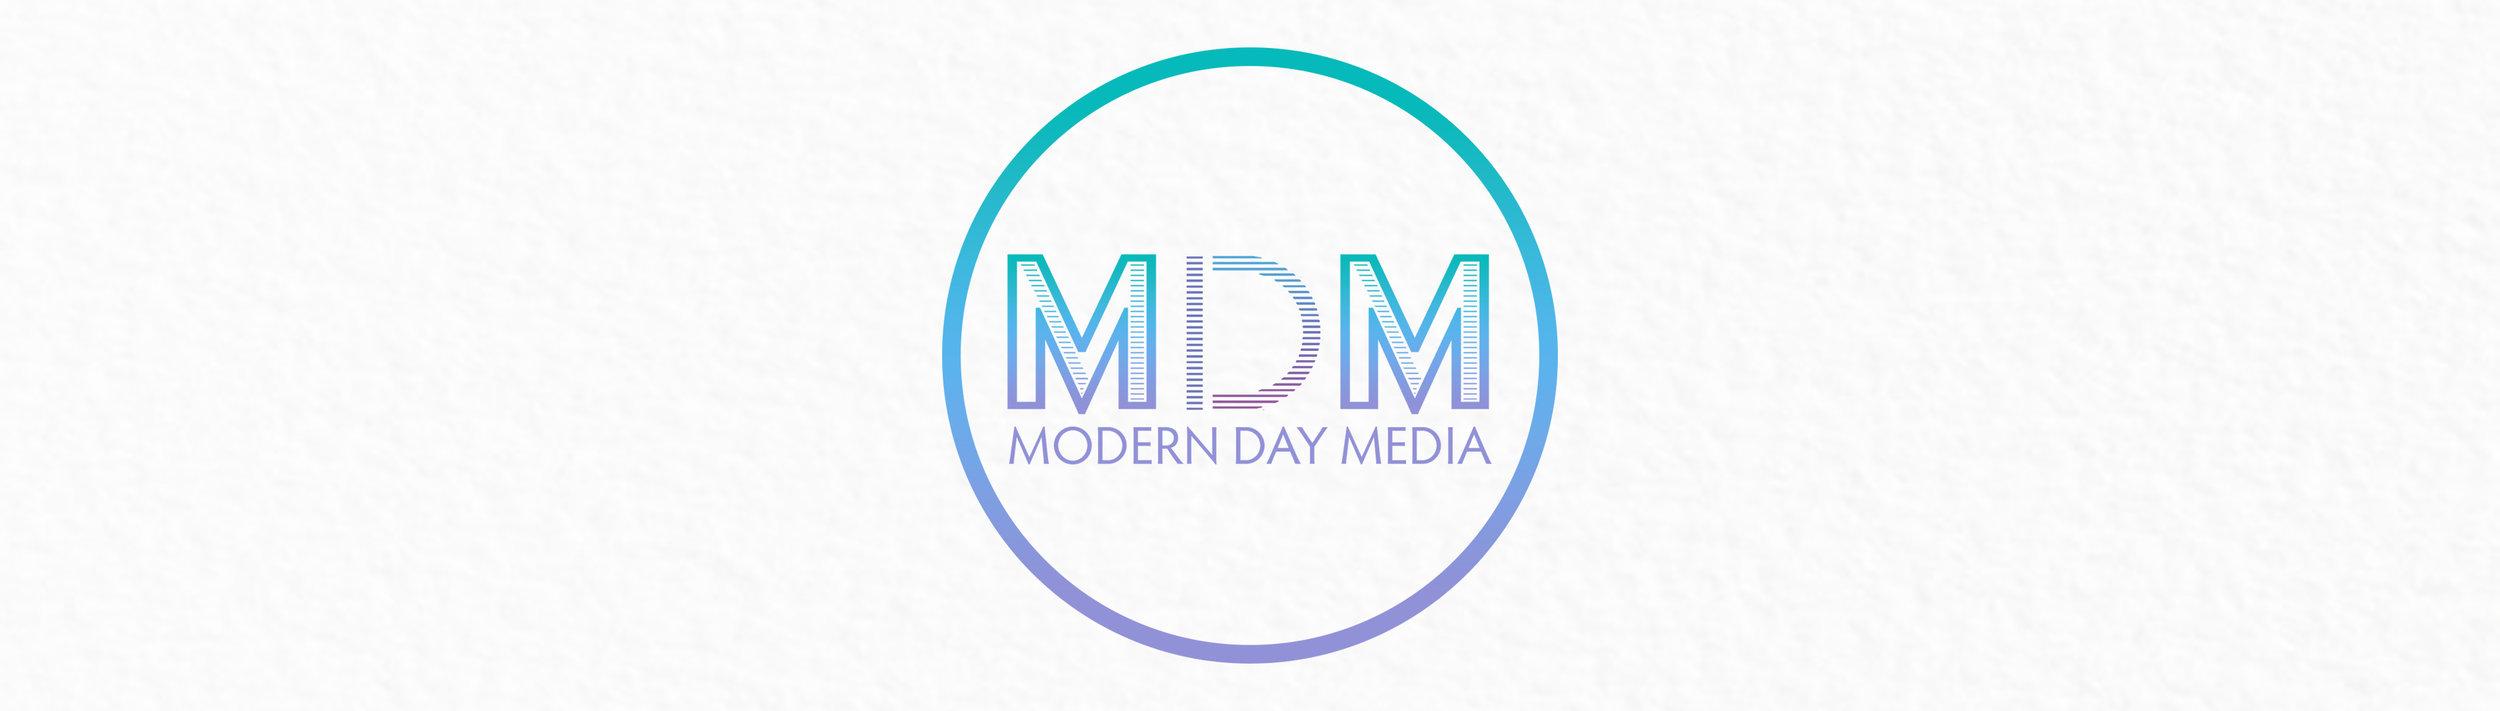 MDM-logo-img1.jpg